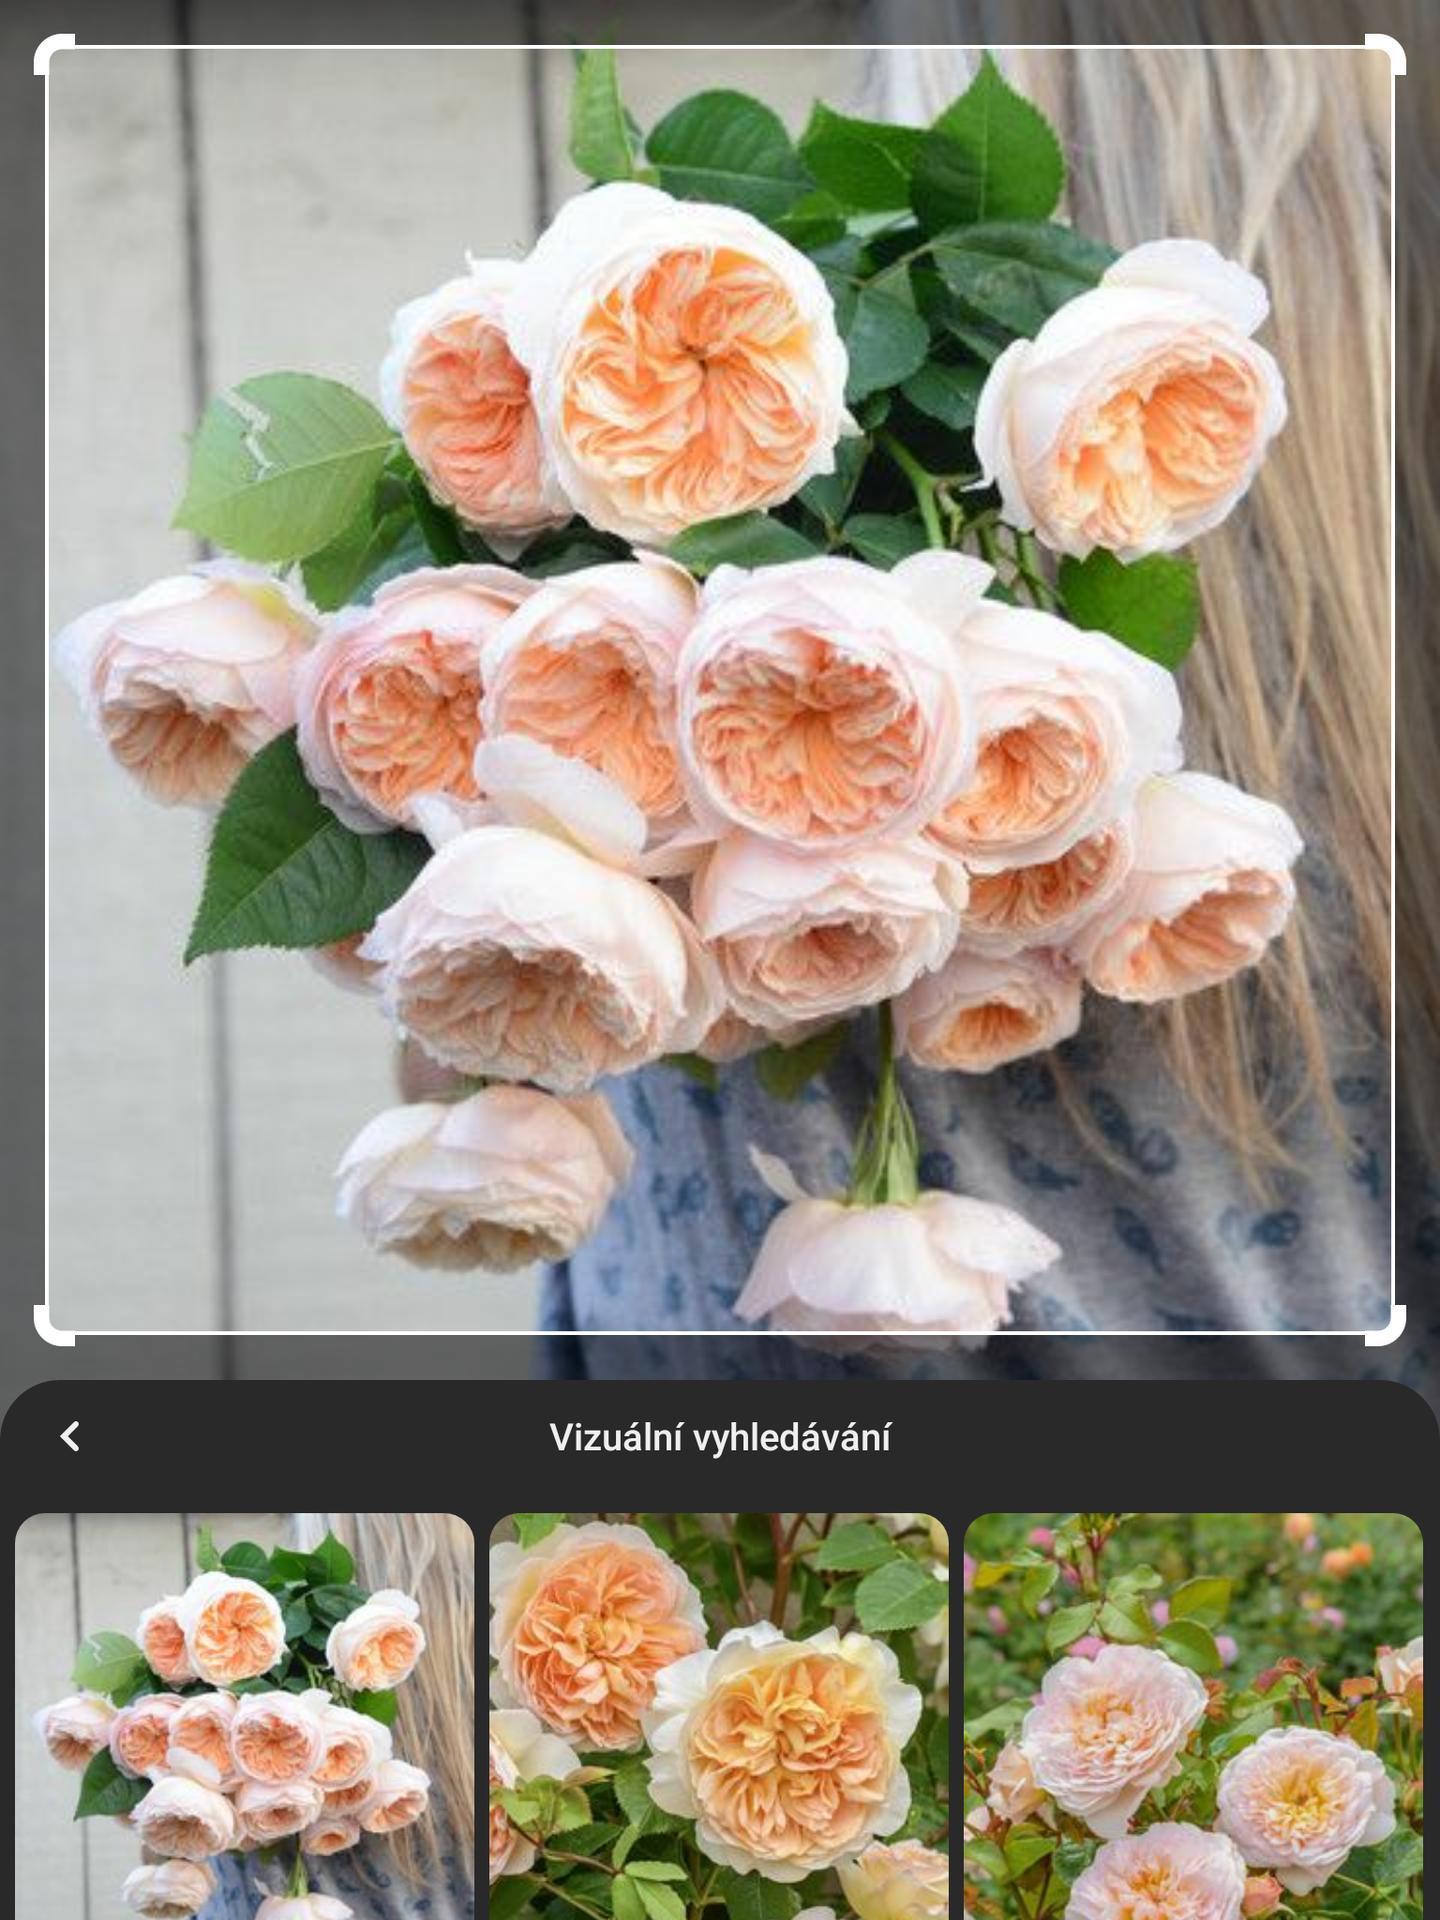 Vrabcovi 10.9.2022 - Družičky budou mít tyto růže co maji napodobovat pivoňky. Já a maminky a ženich a tatínek budeme mít pivoňky